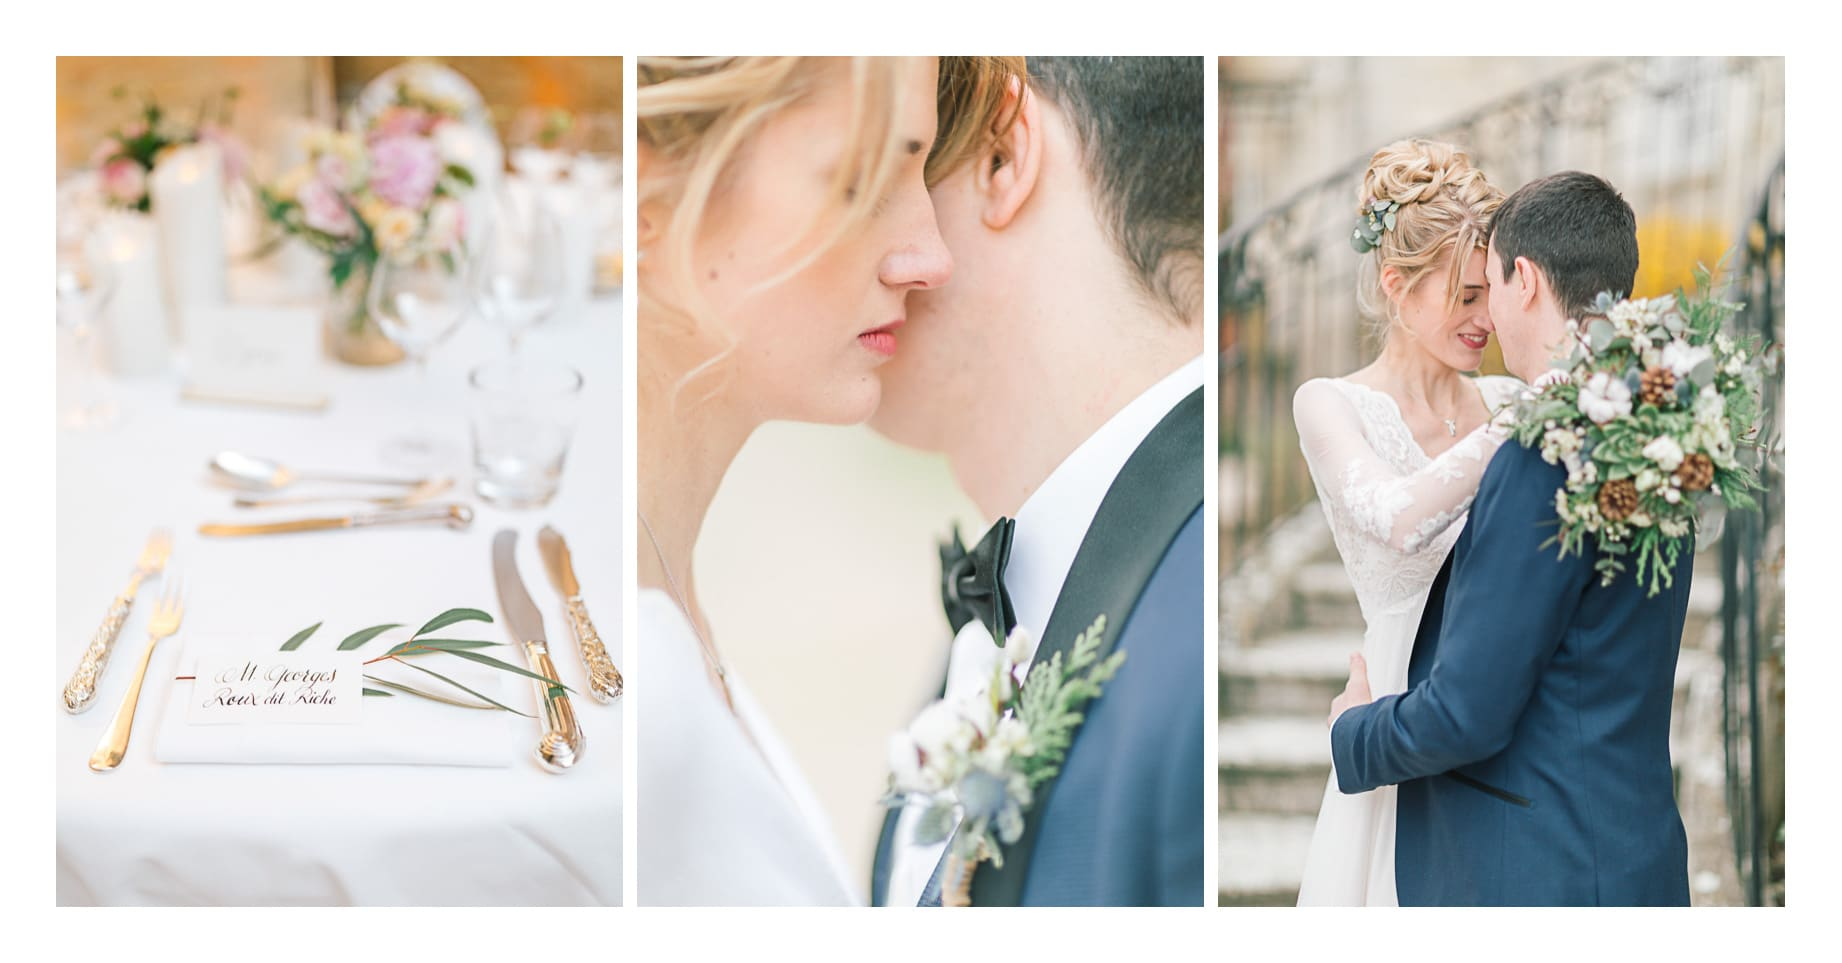 photo d'un mariage à Annecy puis entre Genève et Lausanne, photos de la décoration de table, de la mariée pendant les préparatifs et dans les bras de son mari